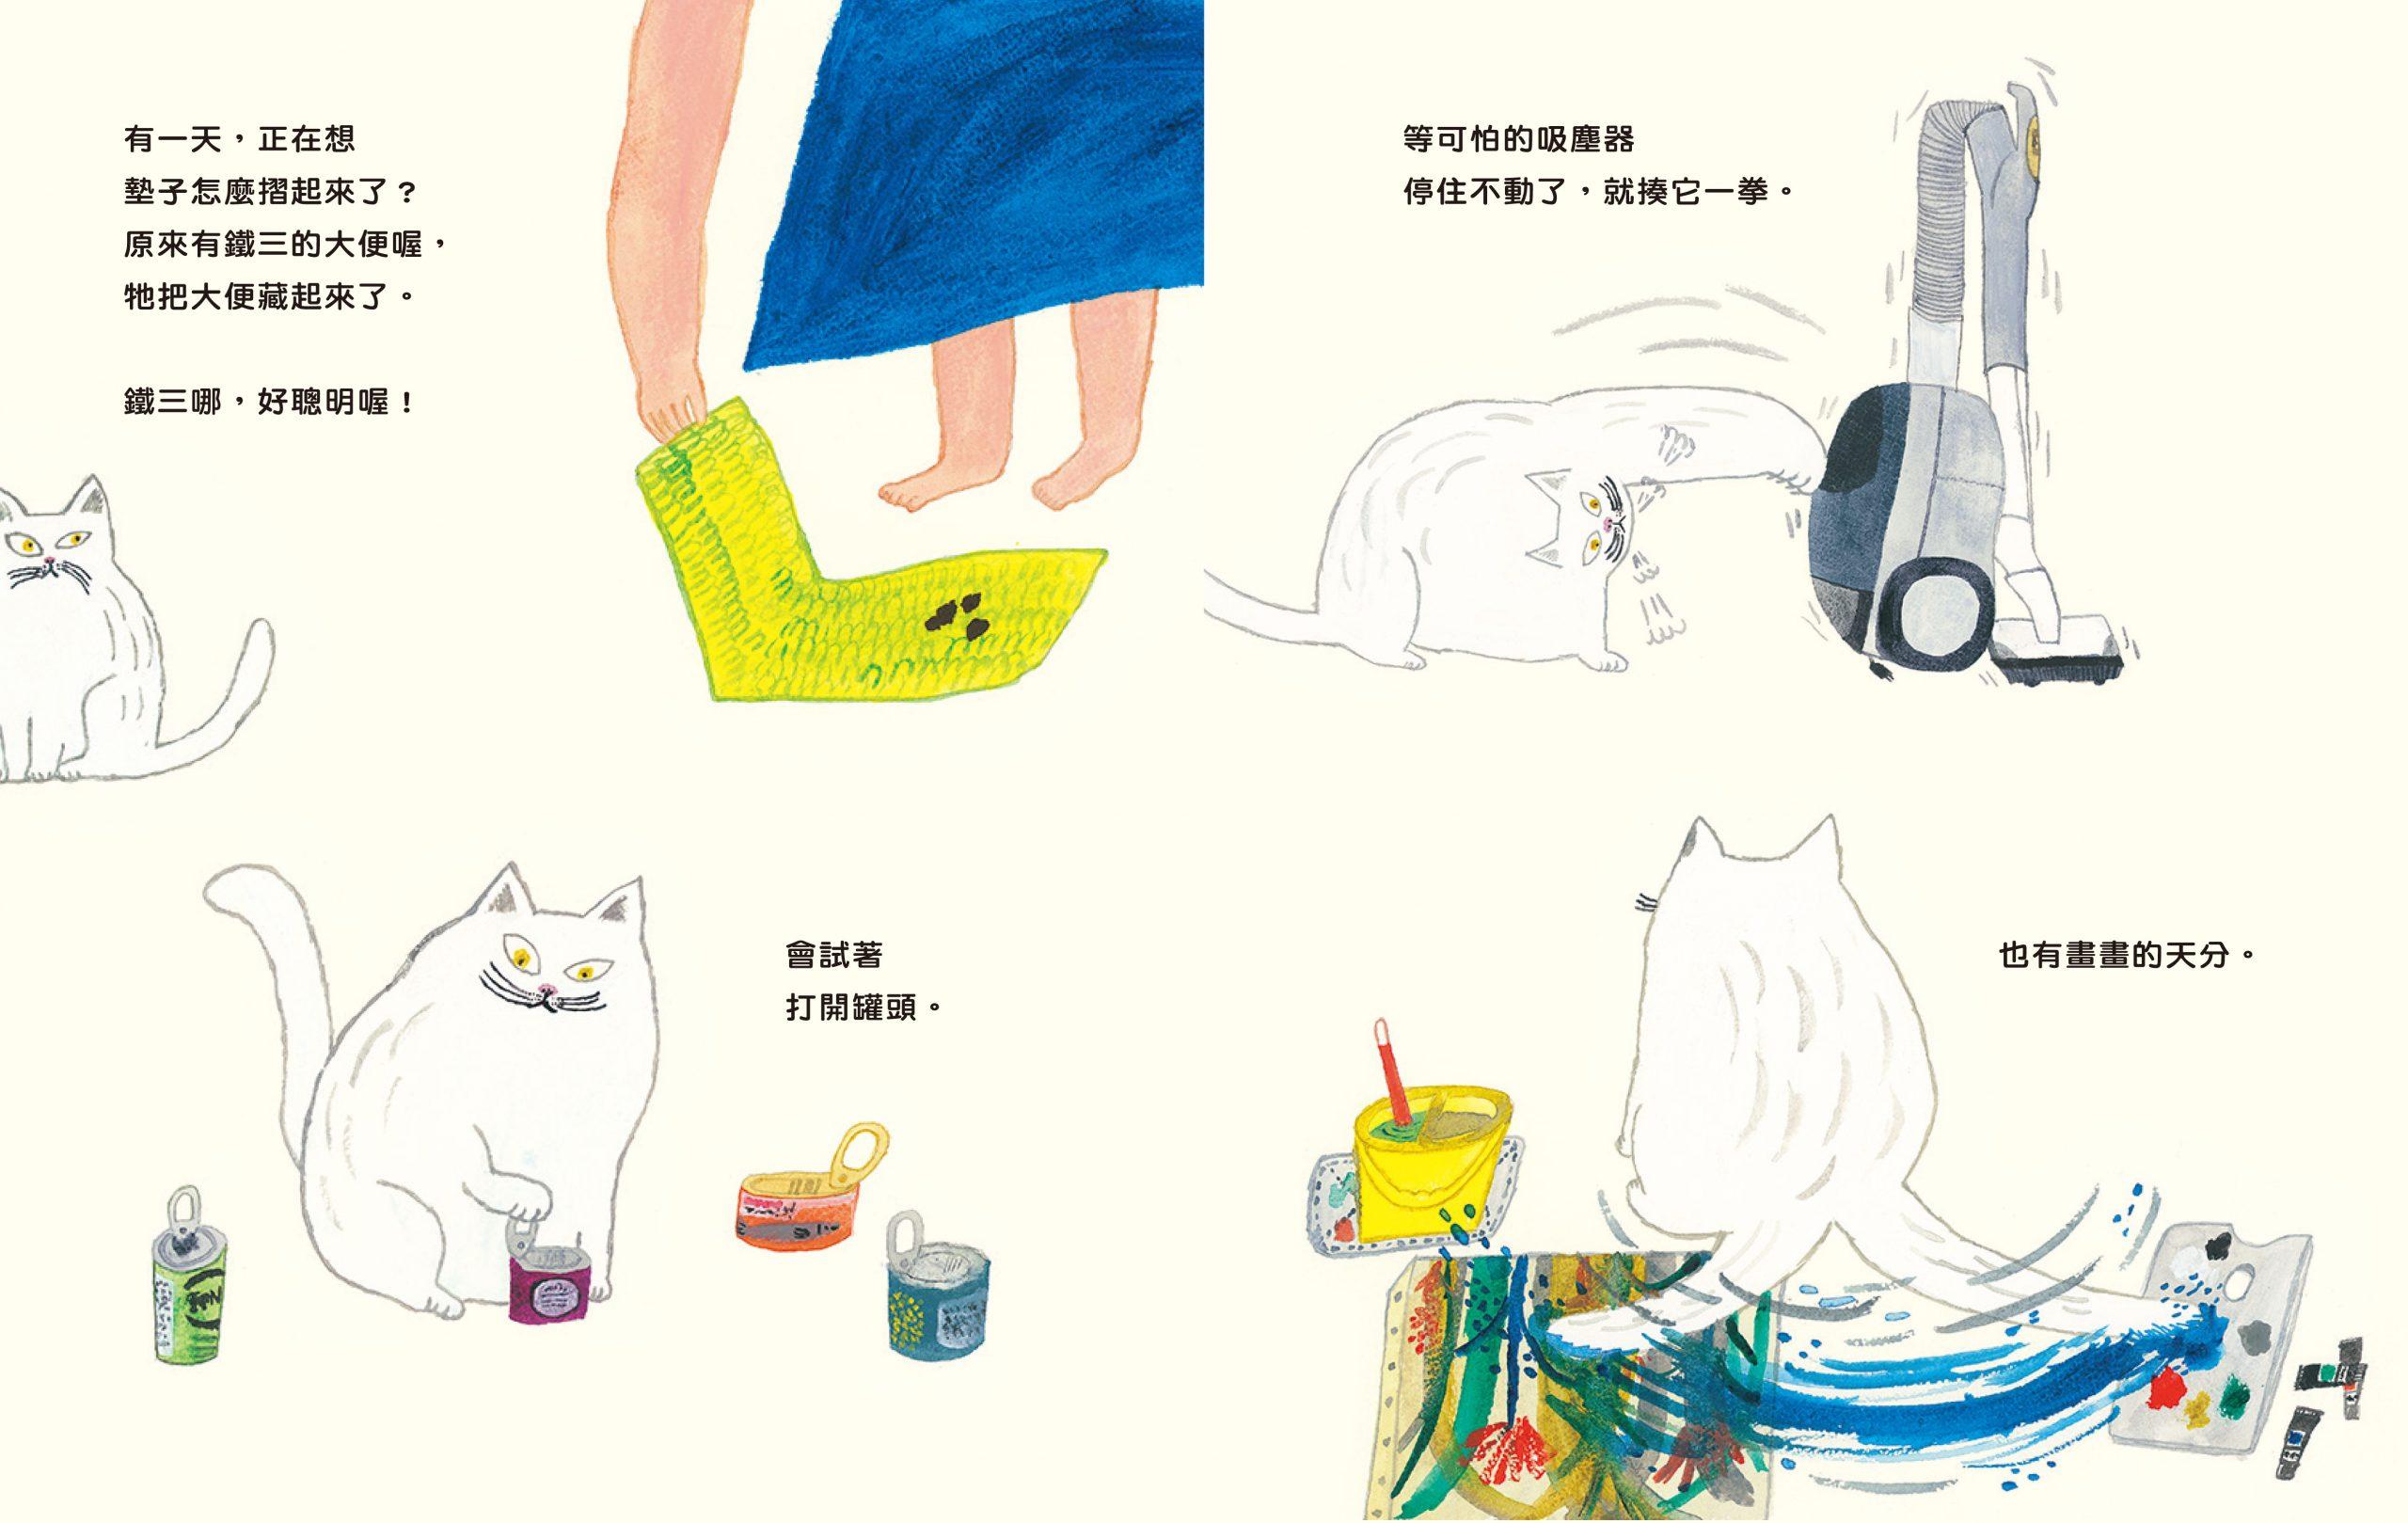 後青春繪本館 貓的回憶、貓的時間,和那些只有貓咪知道的我們